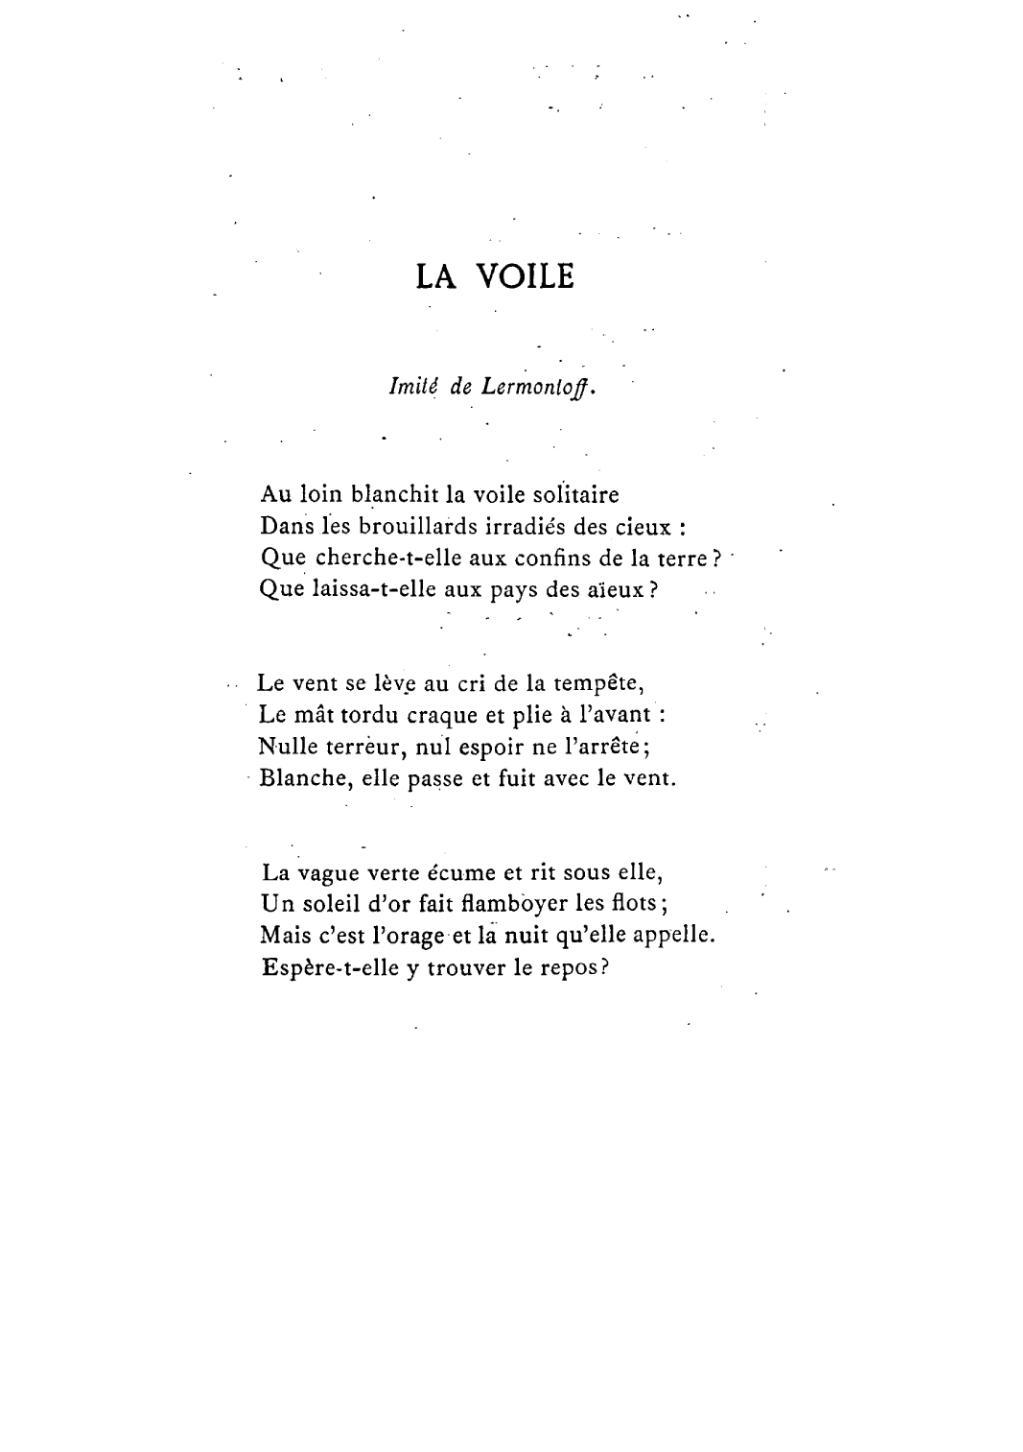 poesie-lyrique